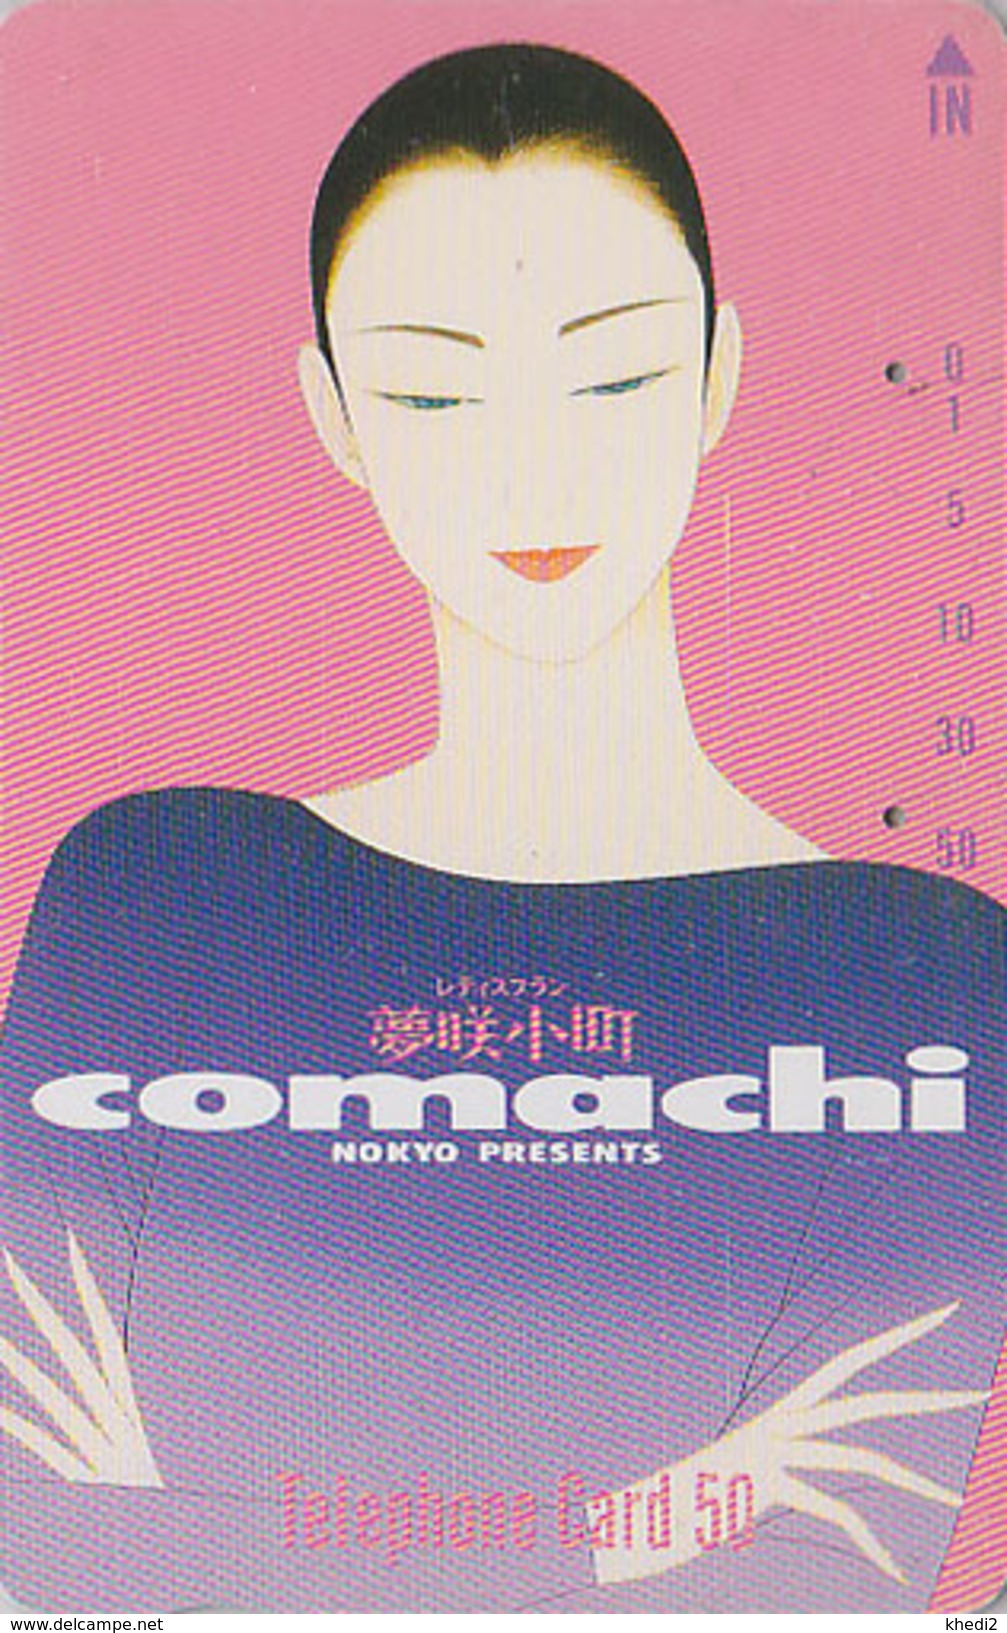 Télécarte Japon / 390-4378 - Femme / COMACHI - Parfum Mode - Woman Girl Perfume Japan Phonecard - Frau TK - 2754 - Parfum